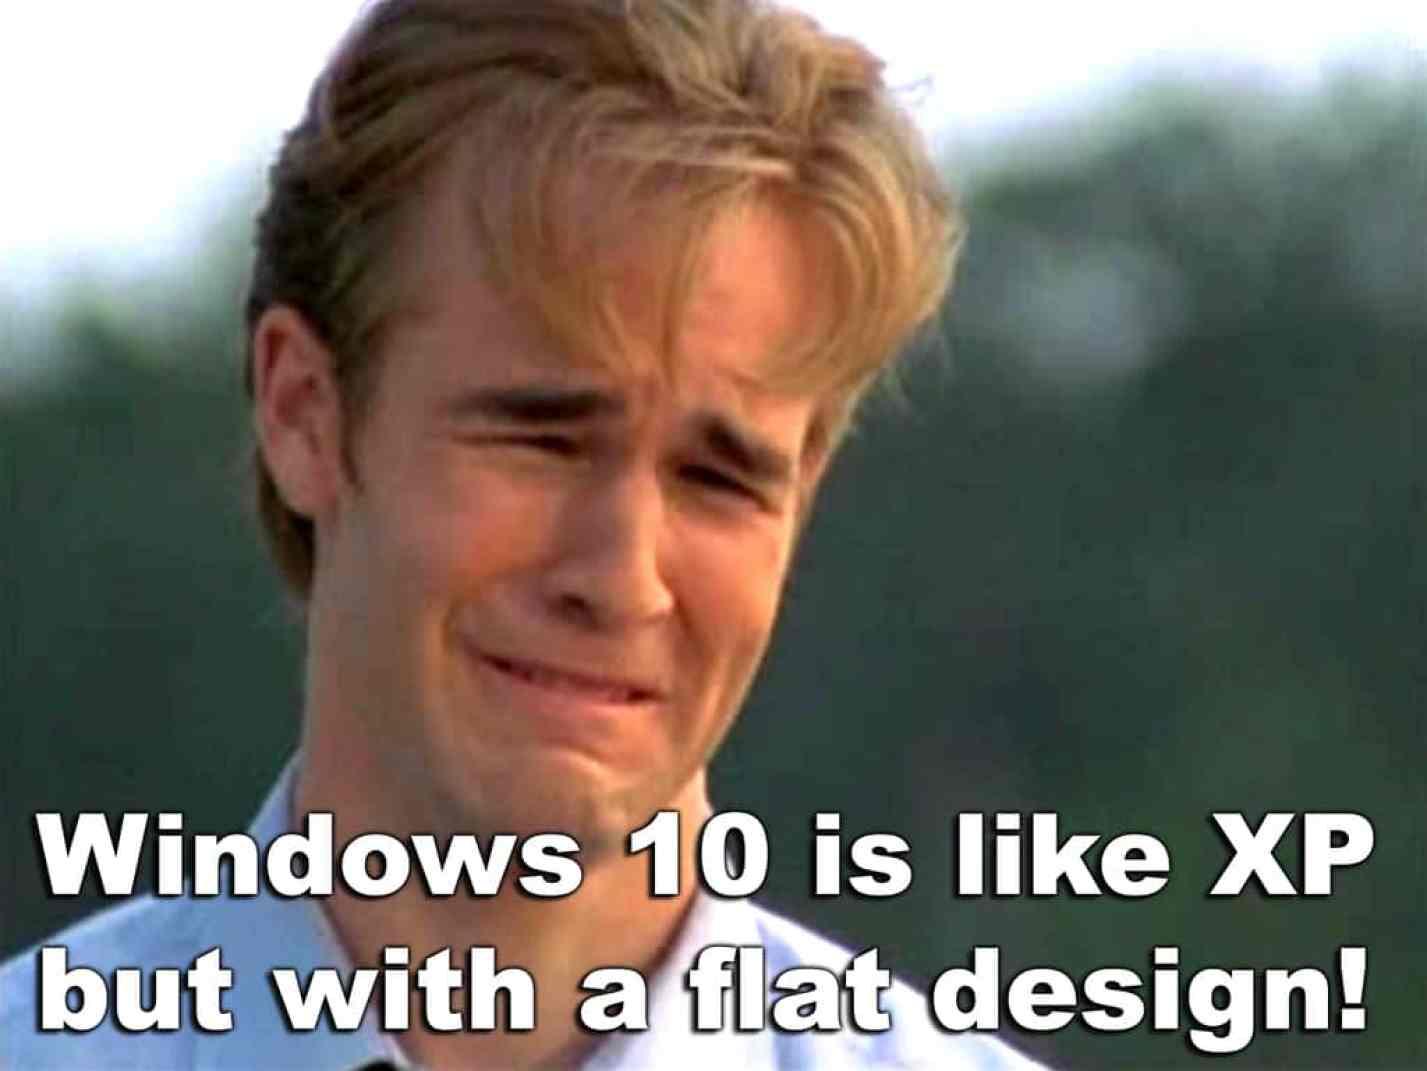 Windows 10 looks like XP